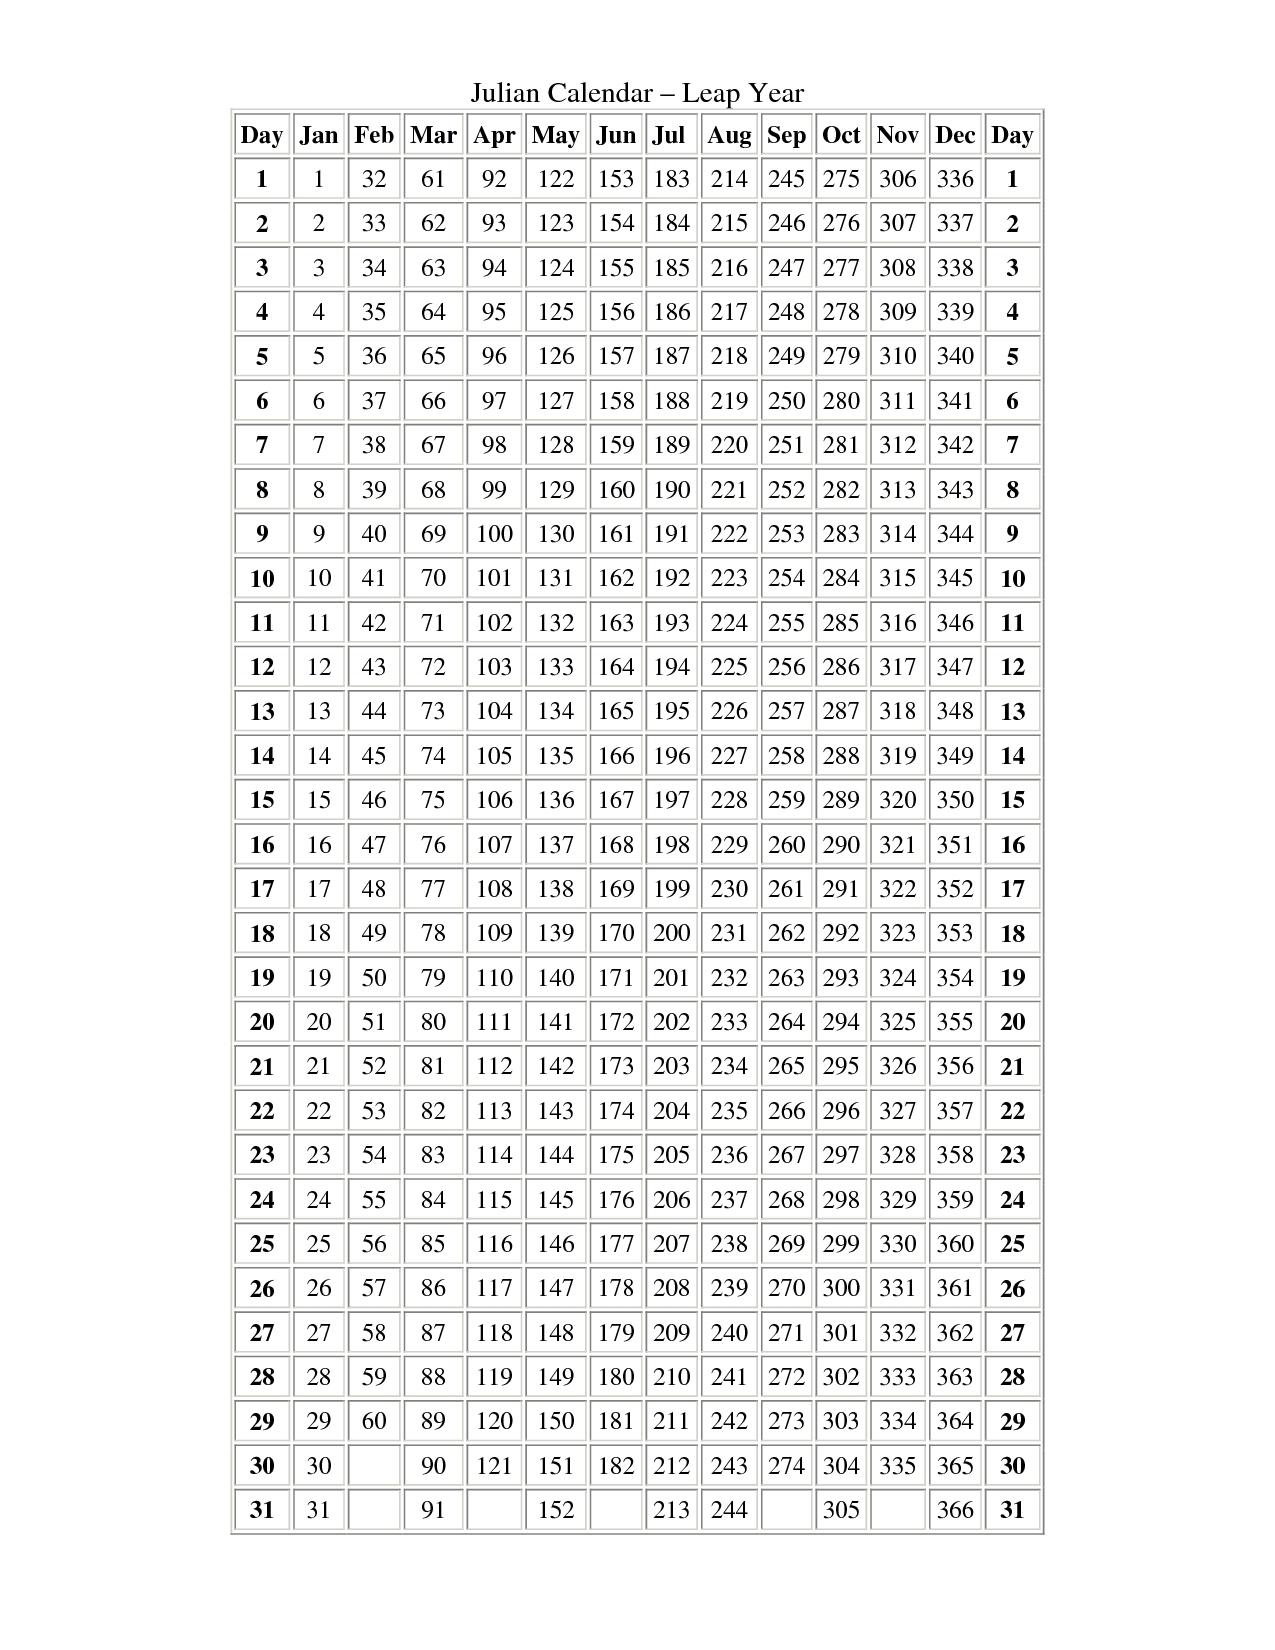 Julian Date Calendar Leap Year | Calendar For Planning for Julian Date Leap Year